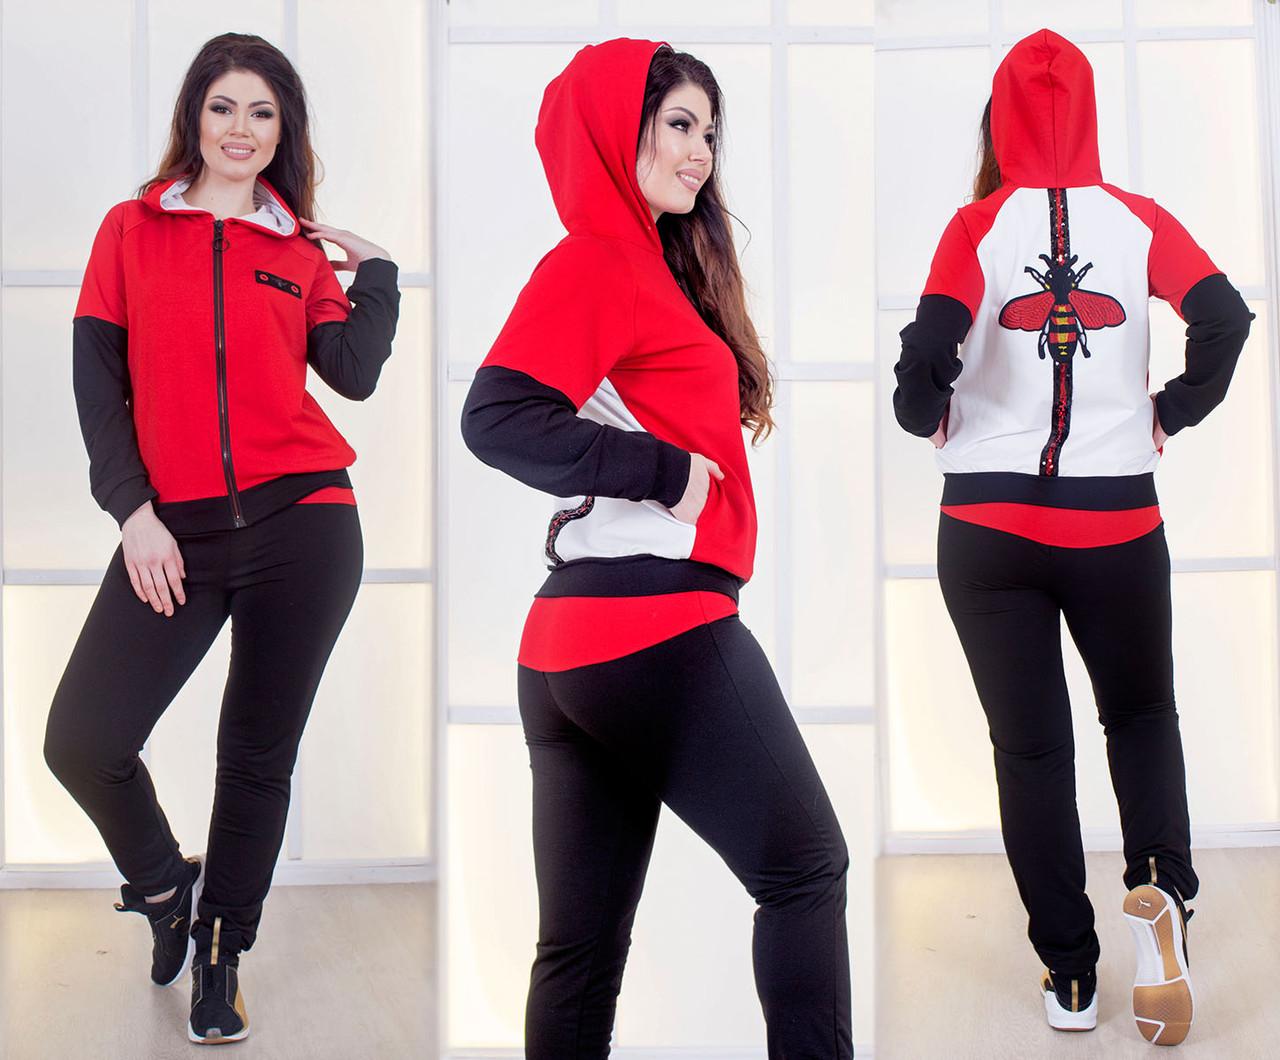 f3afc625 Женский стильный спортивный костюм в больших размерах 5053